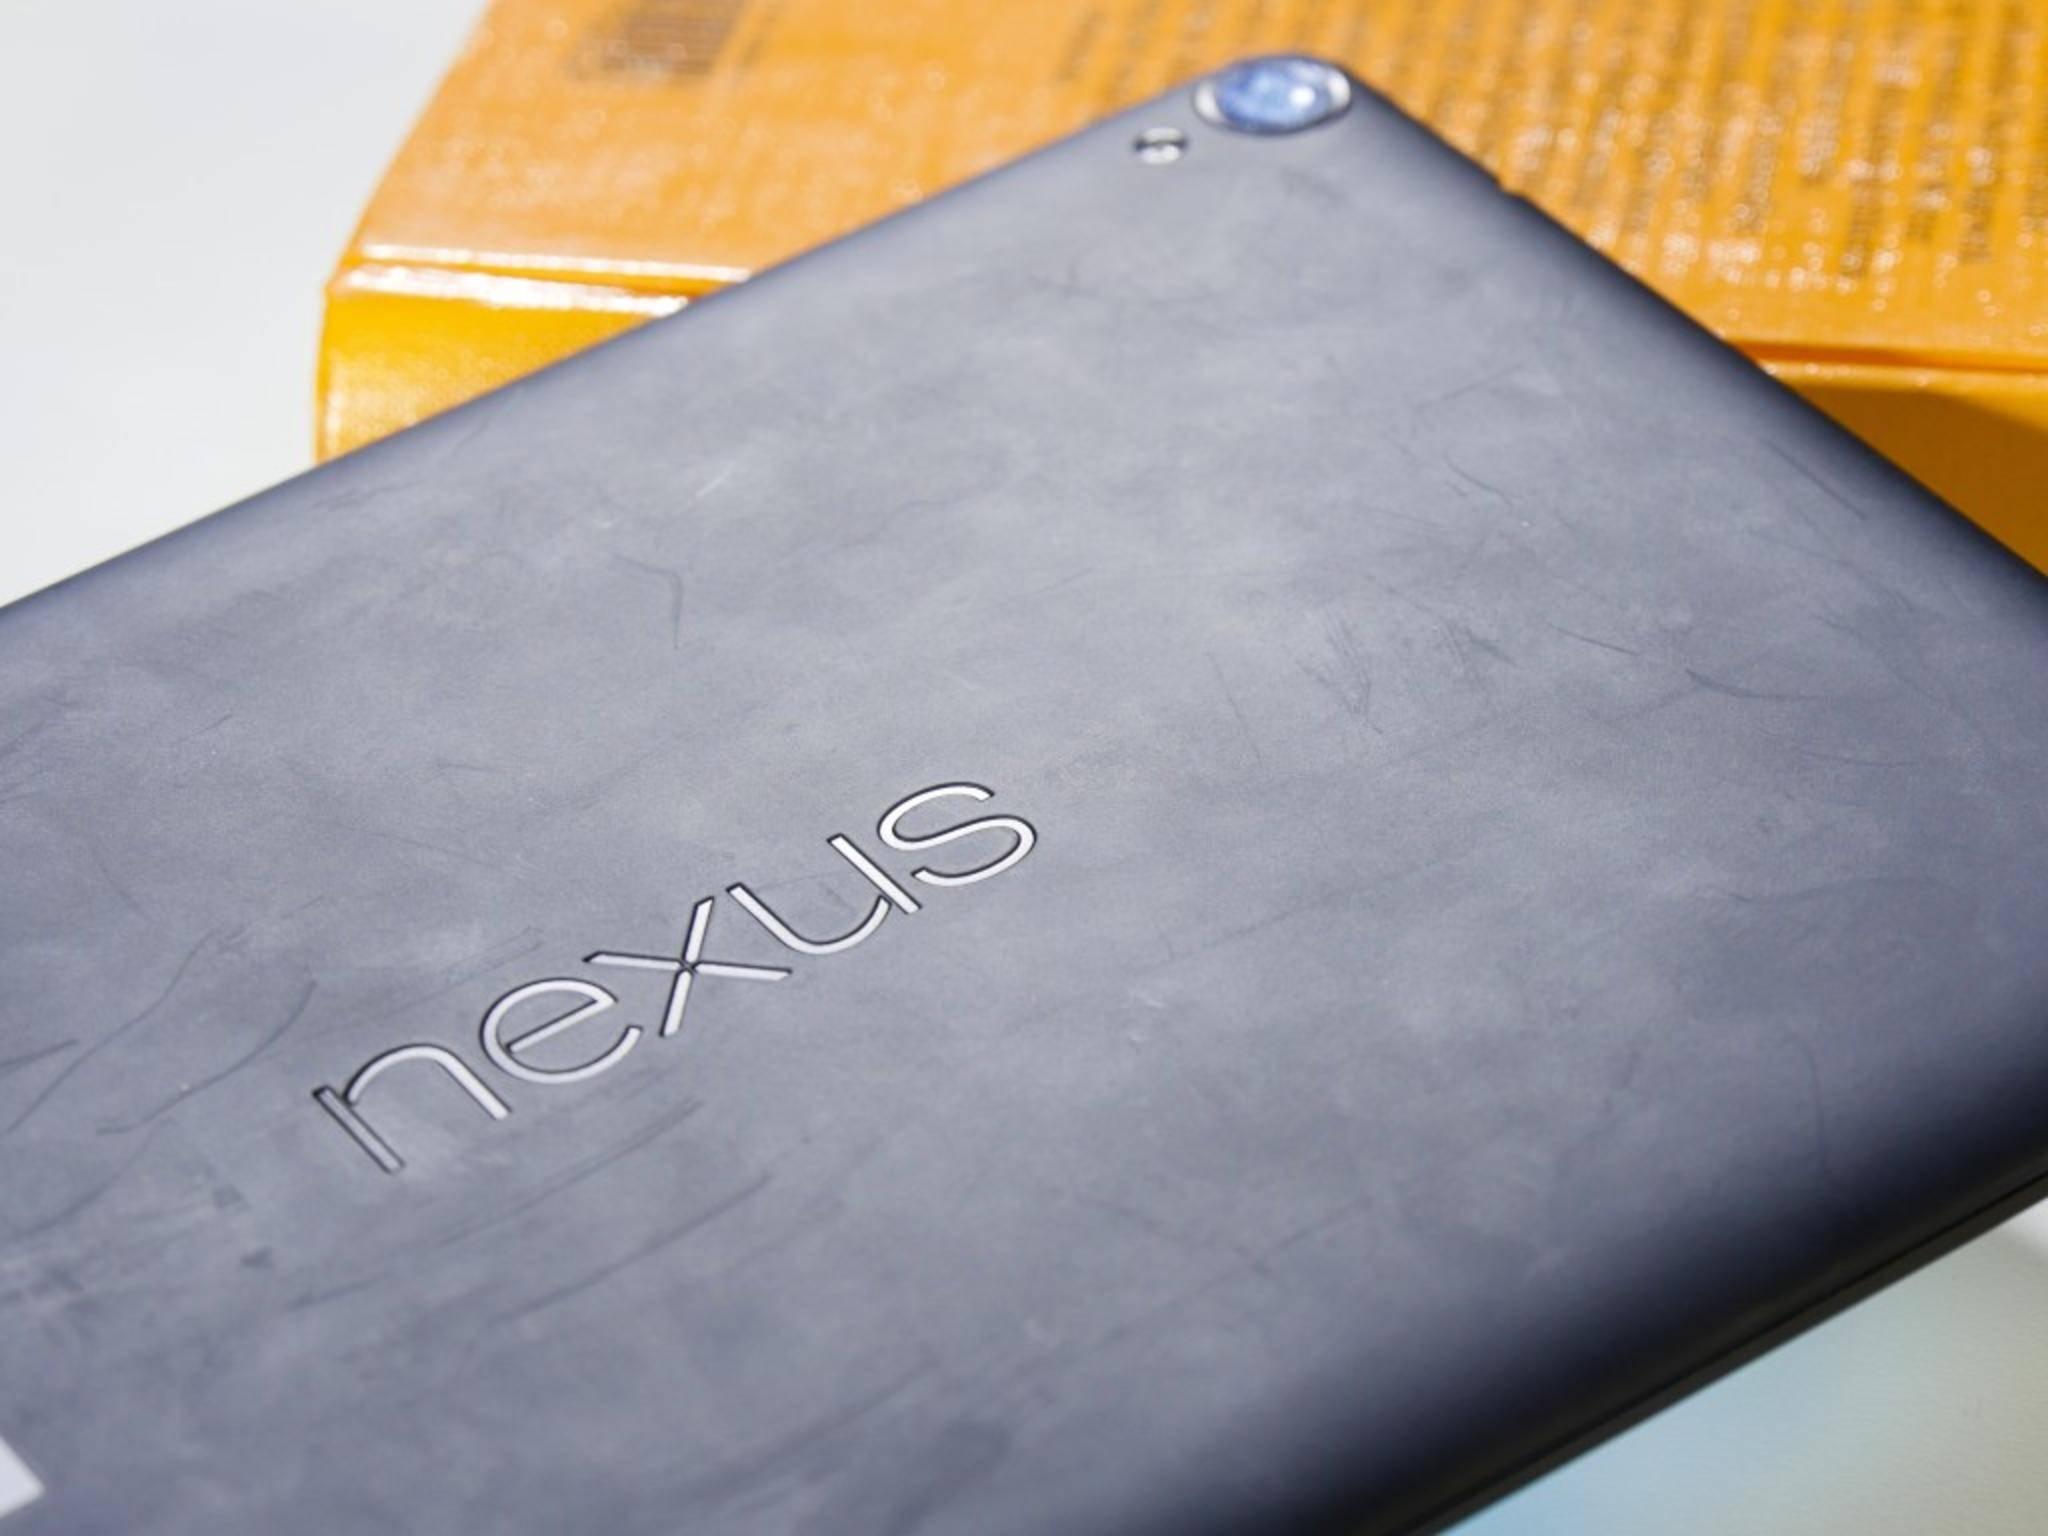 Kommt in diesem Jahr ein neues Nexus-Tablet?